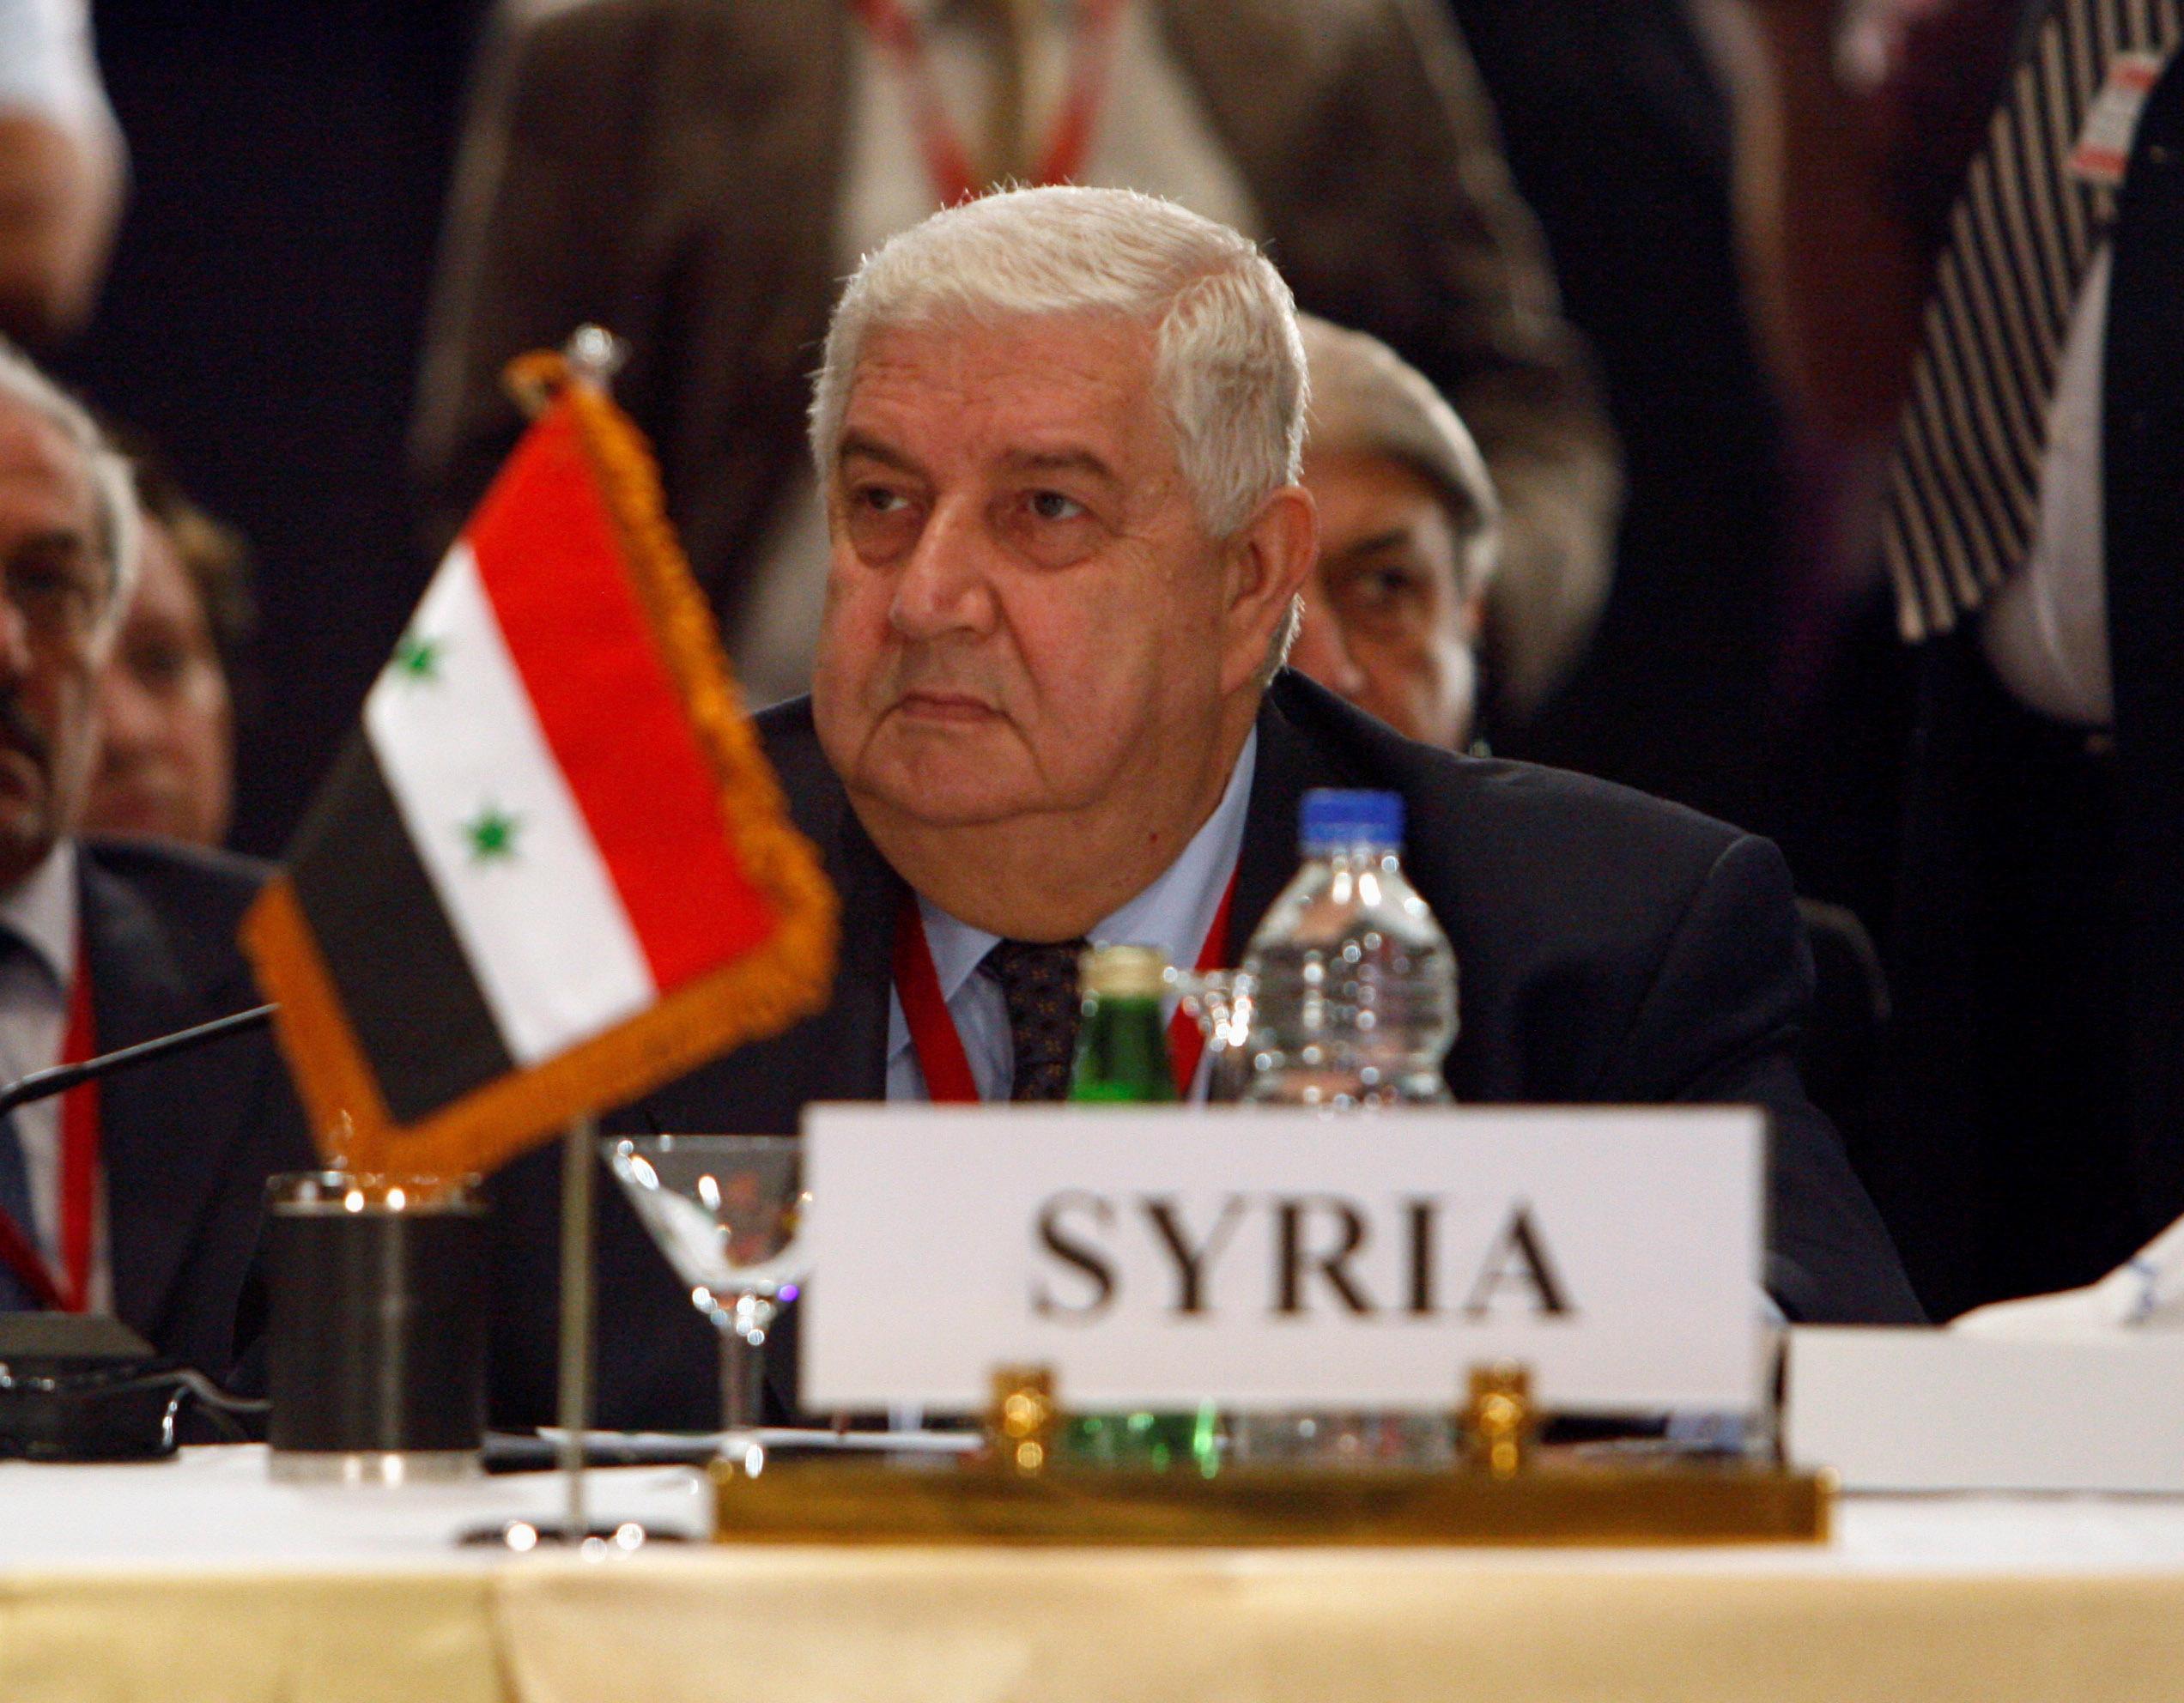 υπουργός Εξωτερικών Ουάλιντ αλ Μουάλεμ